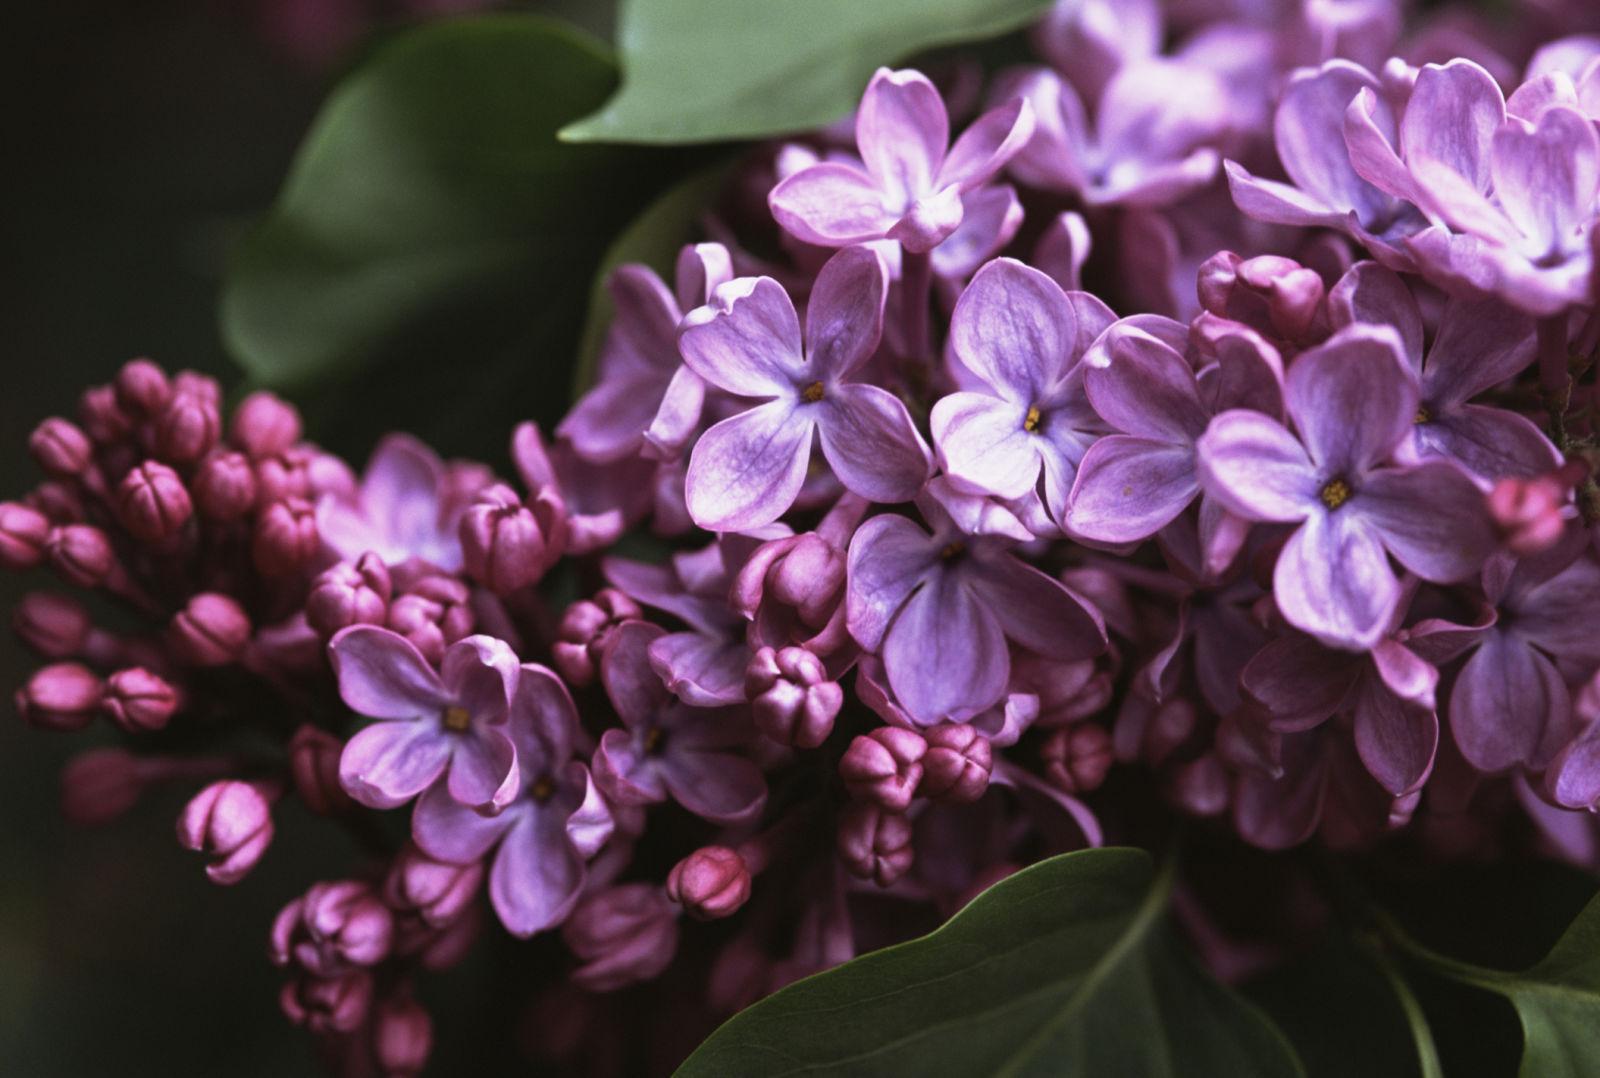 Lilac 4K